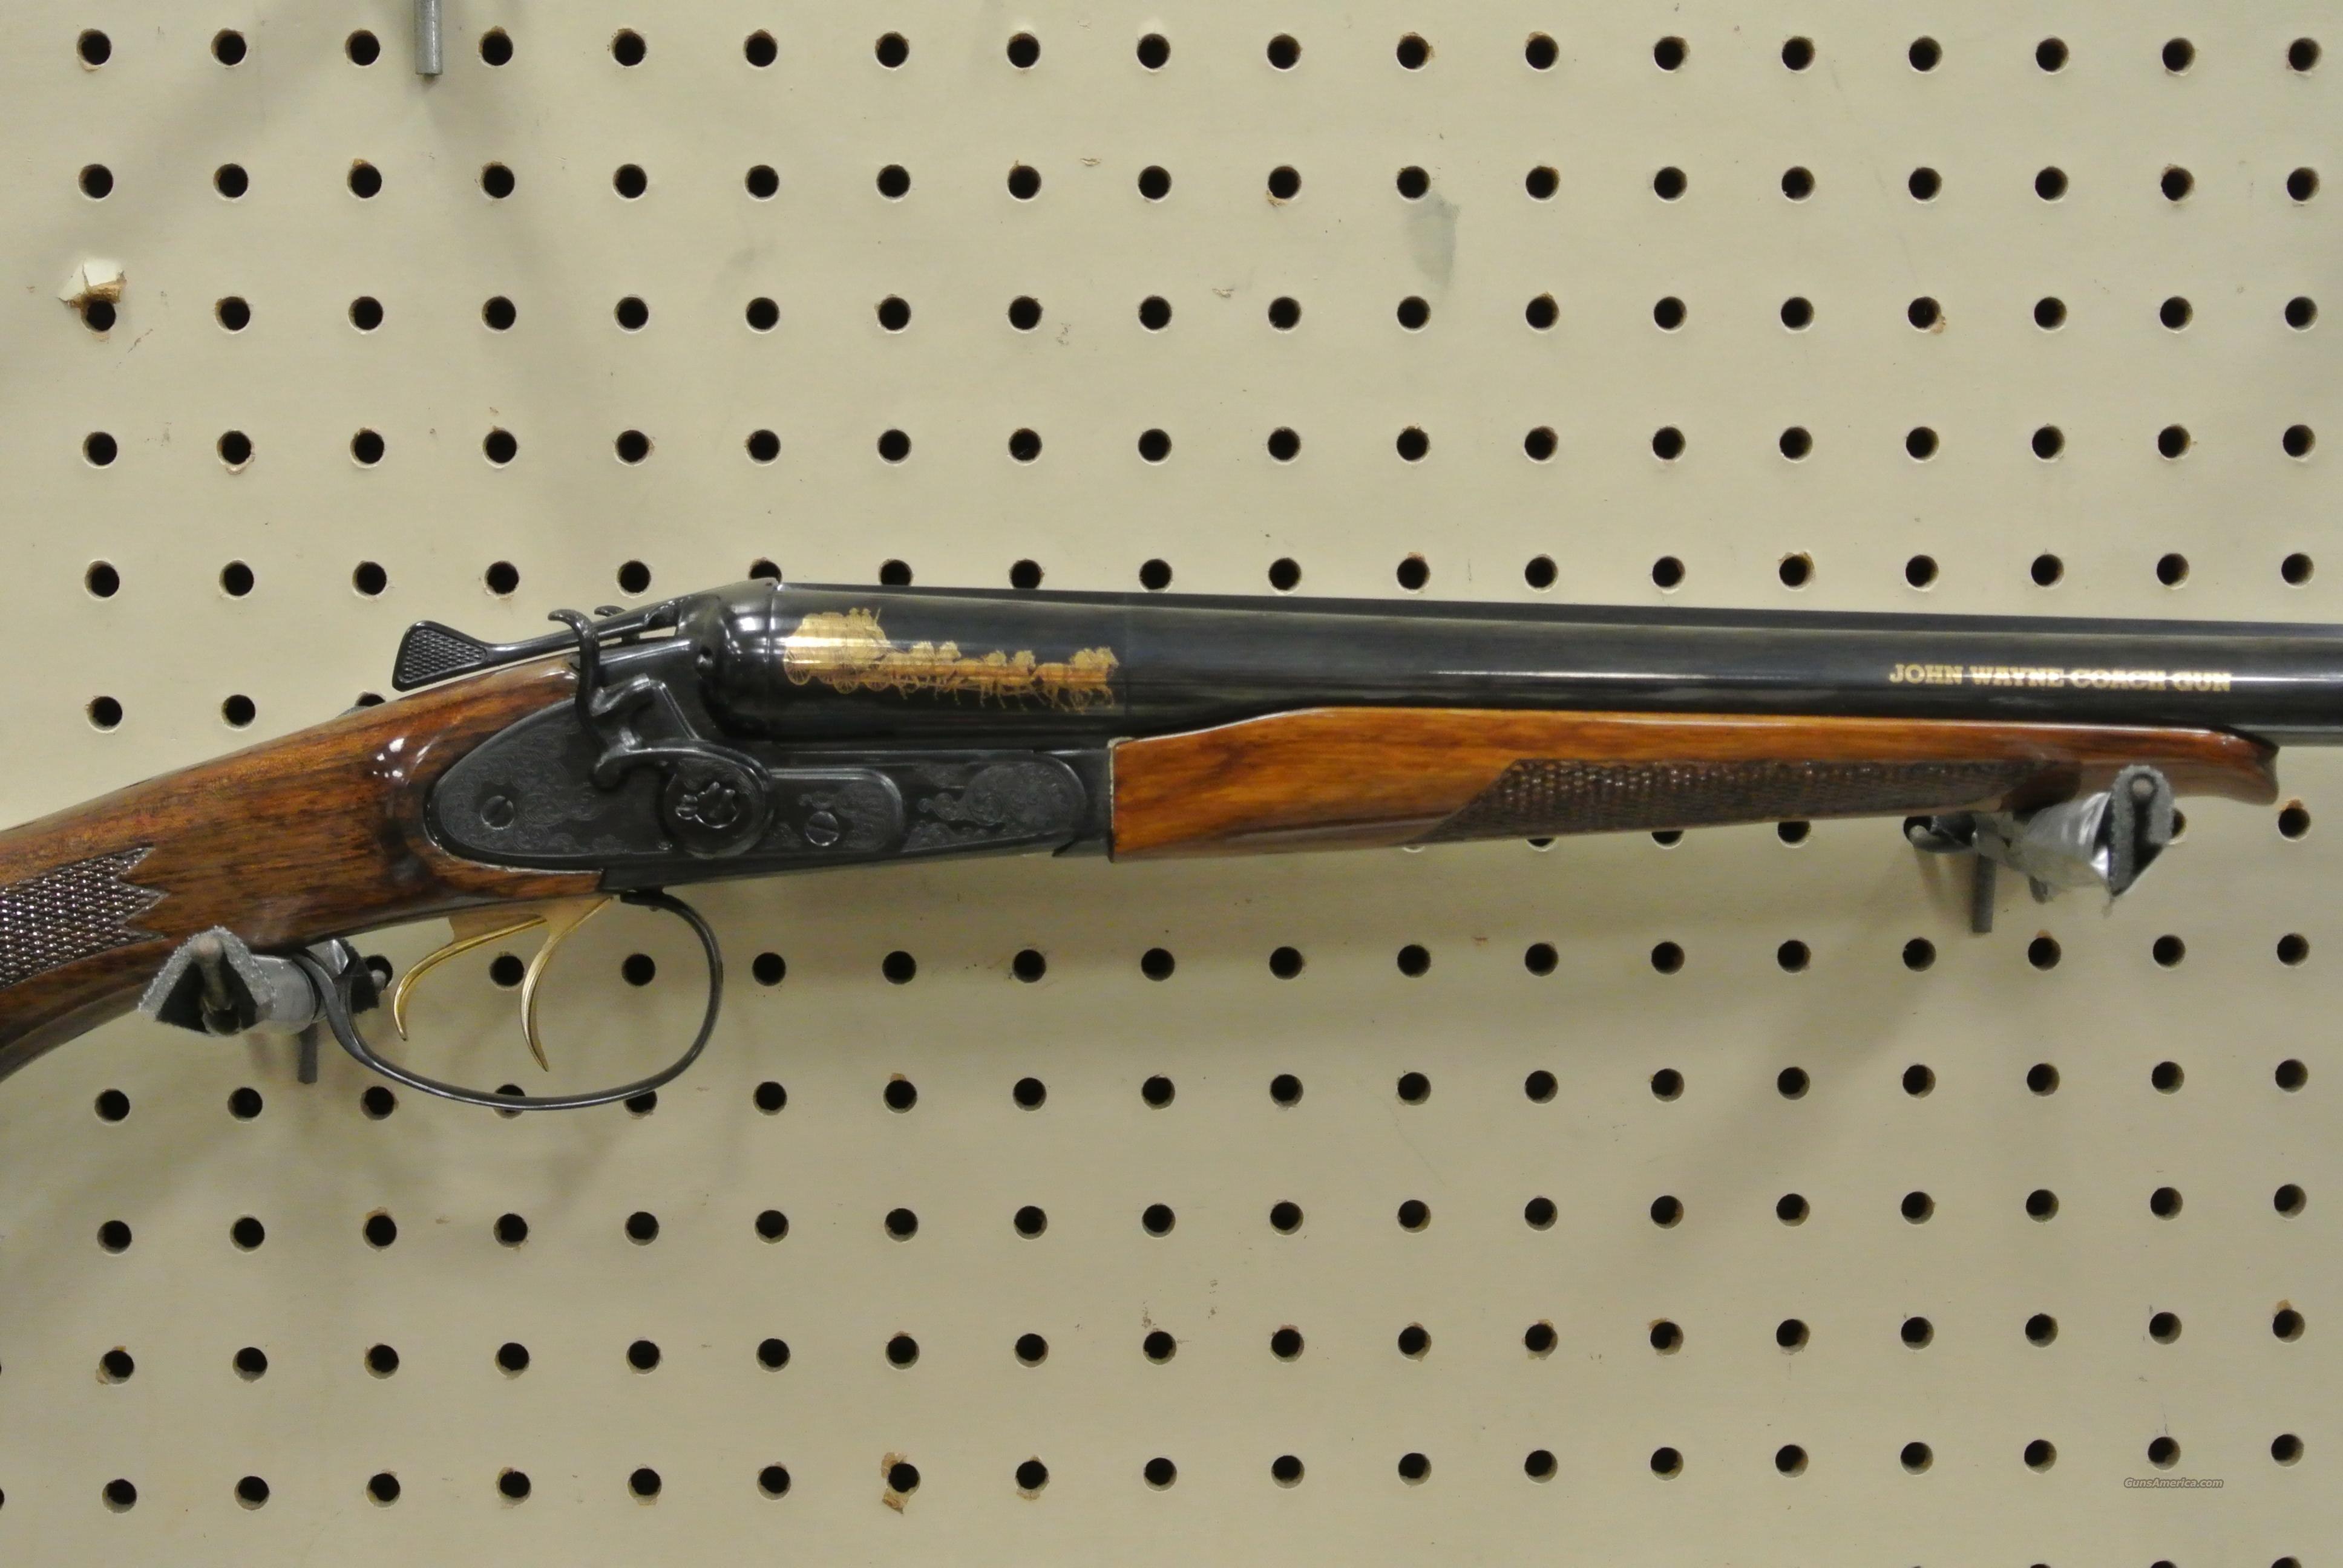 baikal  u0026quot john wayne coach gun u0026quot  in 12 gauge for sale